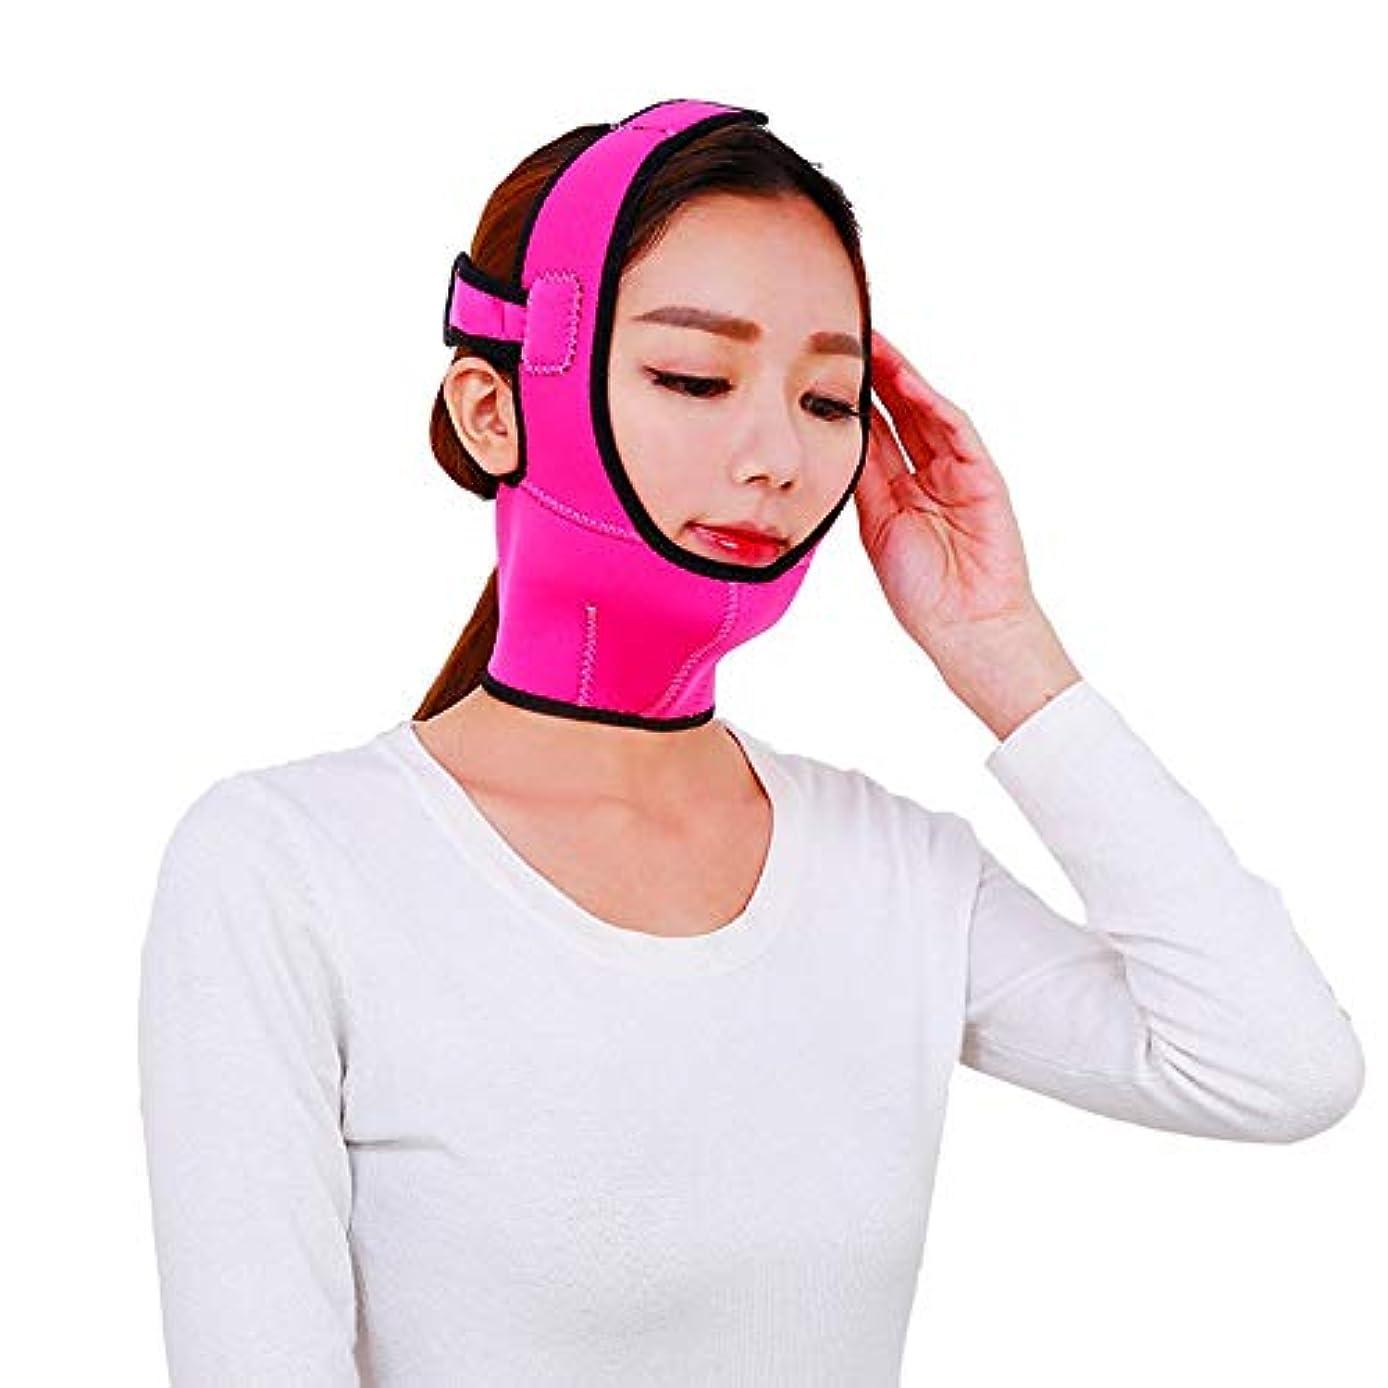 廃棄修復略奪フェイスリフトベルト 顔を持ち上げるベルト通気性の顔面リフティング包帯ダブルチン顔面リフティングマスクを締めるV顔面顔面リフレッシングツール